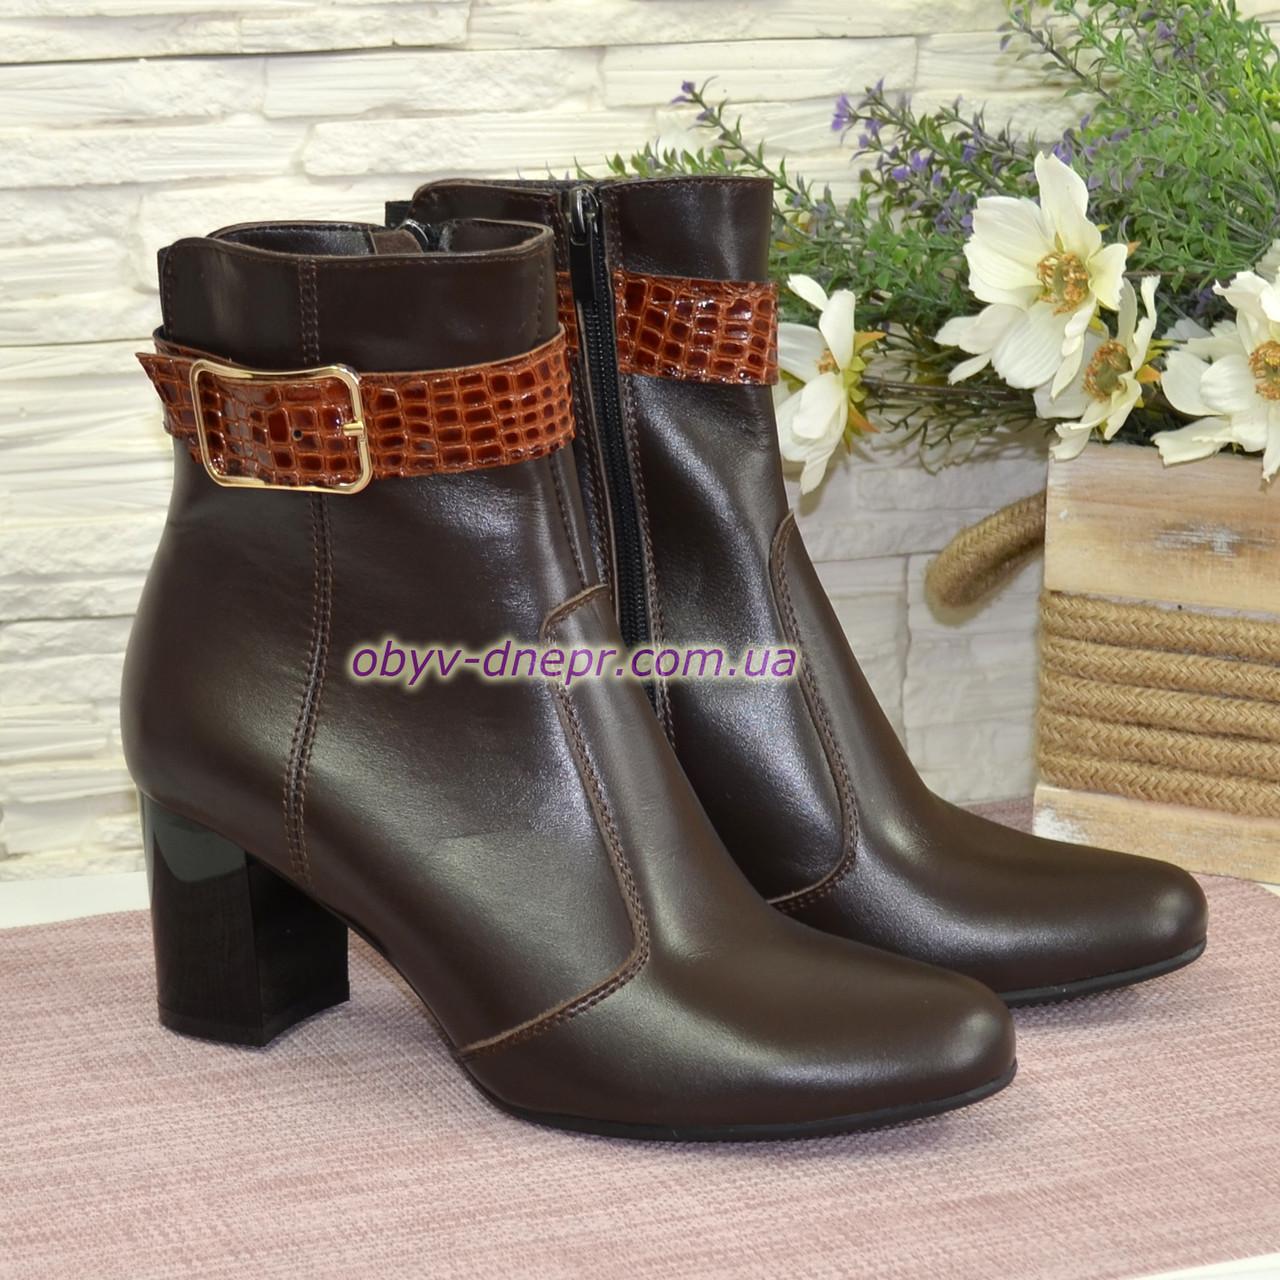 """Ботинки демисезонные кожаные, декорированы ремешком из натуральной кожи """"крокодил"""""""